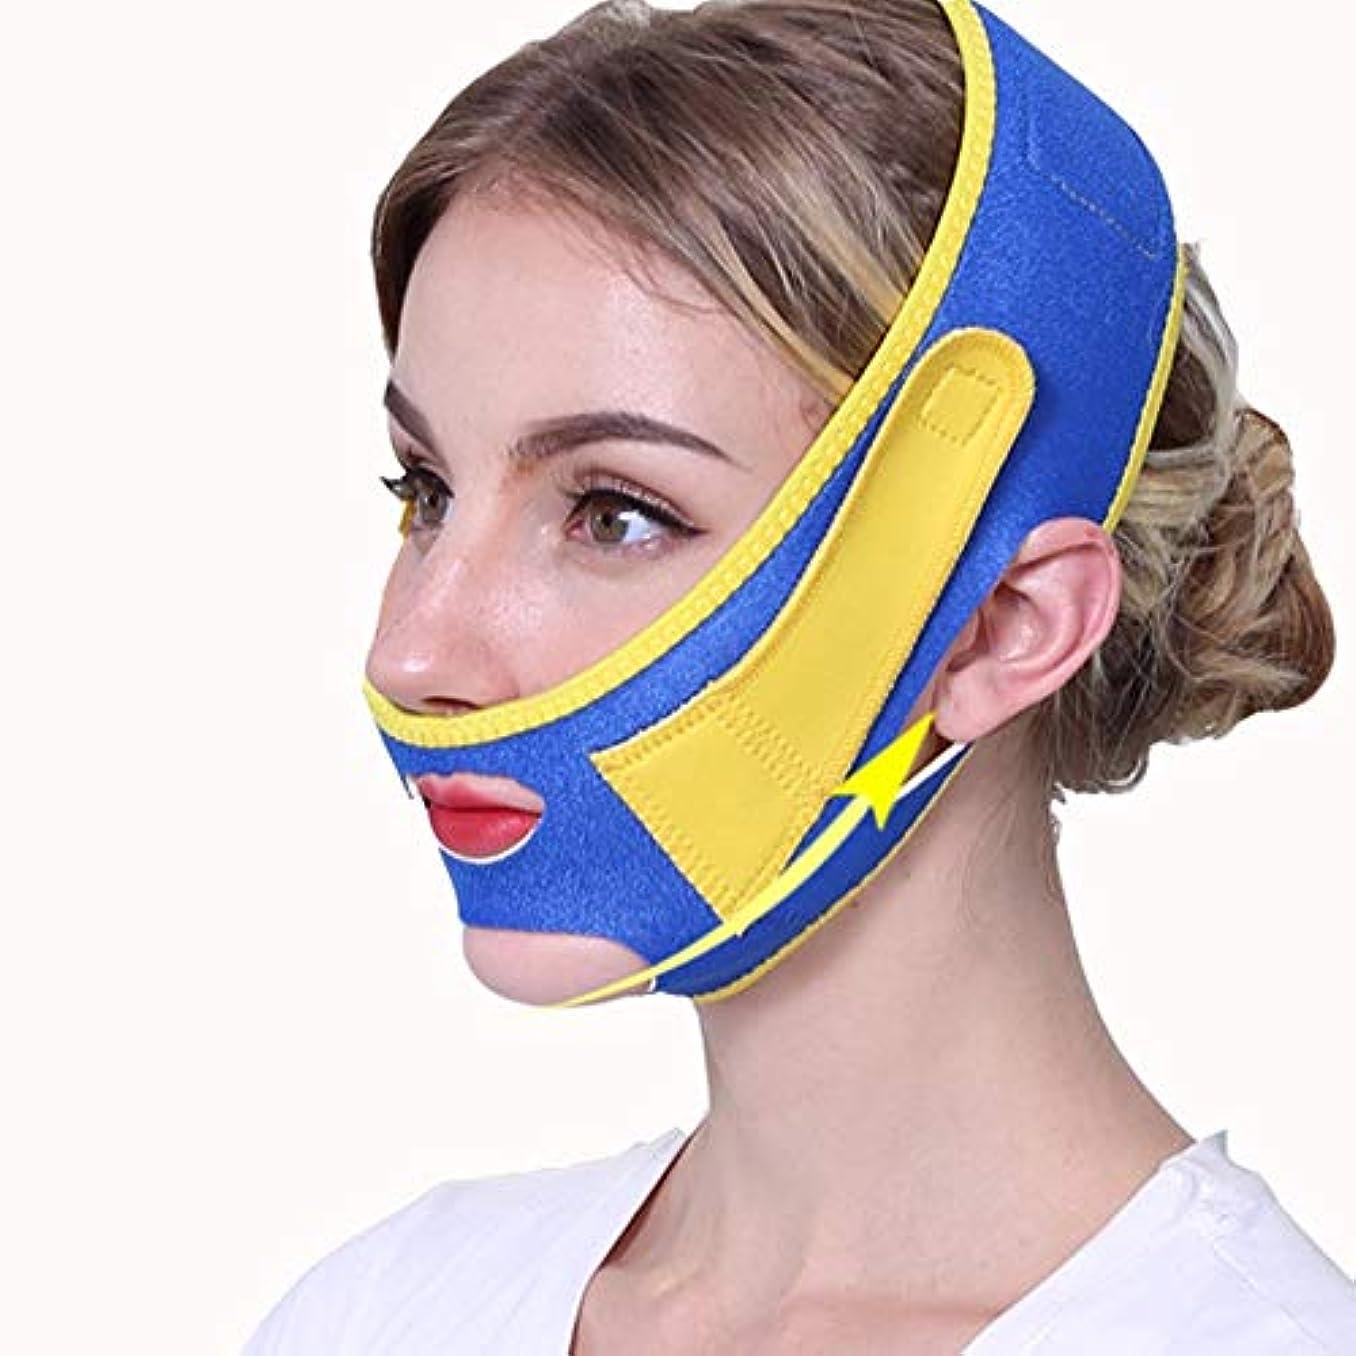 ふつう達成可能複雑GYZ フェイシャルリフティング痩身ベルトフェイス包帯マスク整形マスクフェイスベルトを引き締める薄型フェイス包帯整形マスクフェイスと首の顔を引き締めスリム Thin Face Belt